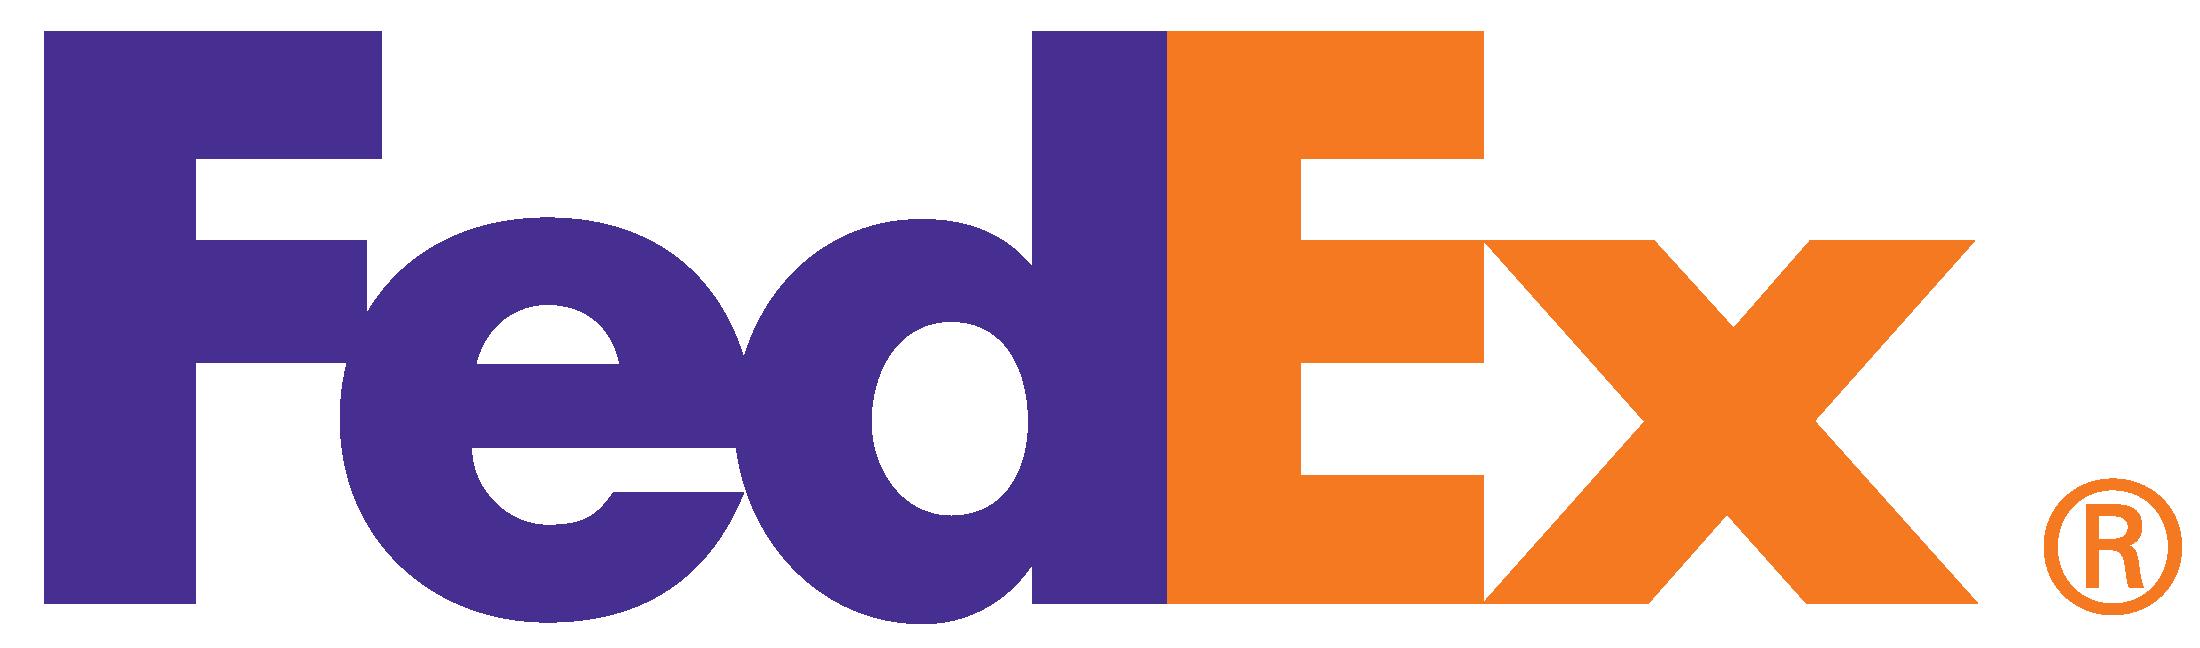 FedEx póstdreifingafyrirtækið skartar snjöllu einkennismerki. Þar má sjá ör á milli bókstafanna E og X til að tákna hreyfingu og dýnamík fyrirtækisins.